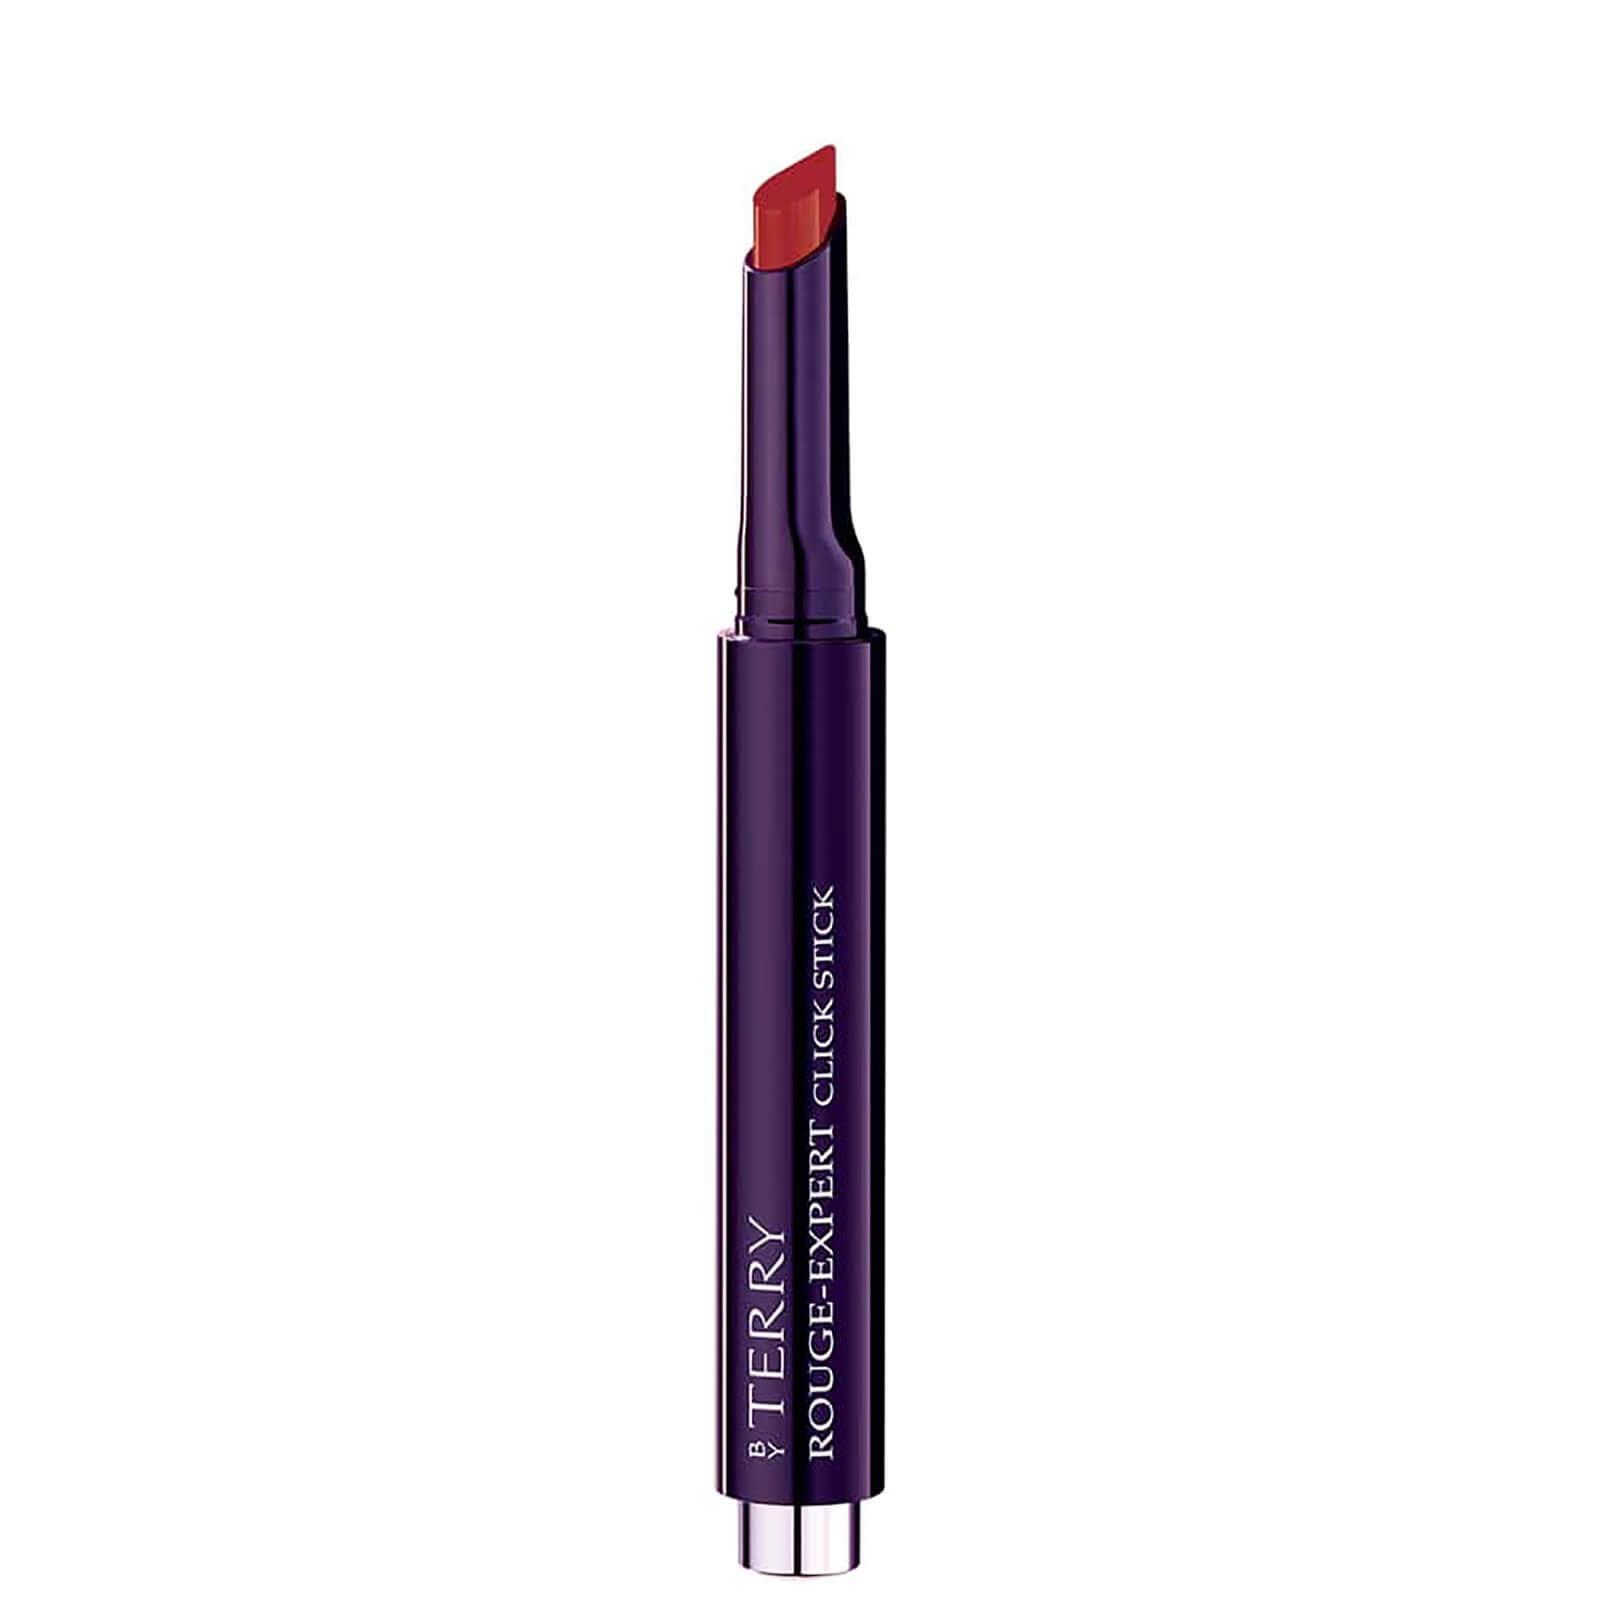 Купить Губная помада By Terry Rouge-Expert Click Stick Lipstick 1, 5 г (различные оттенки) - Palace Wine